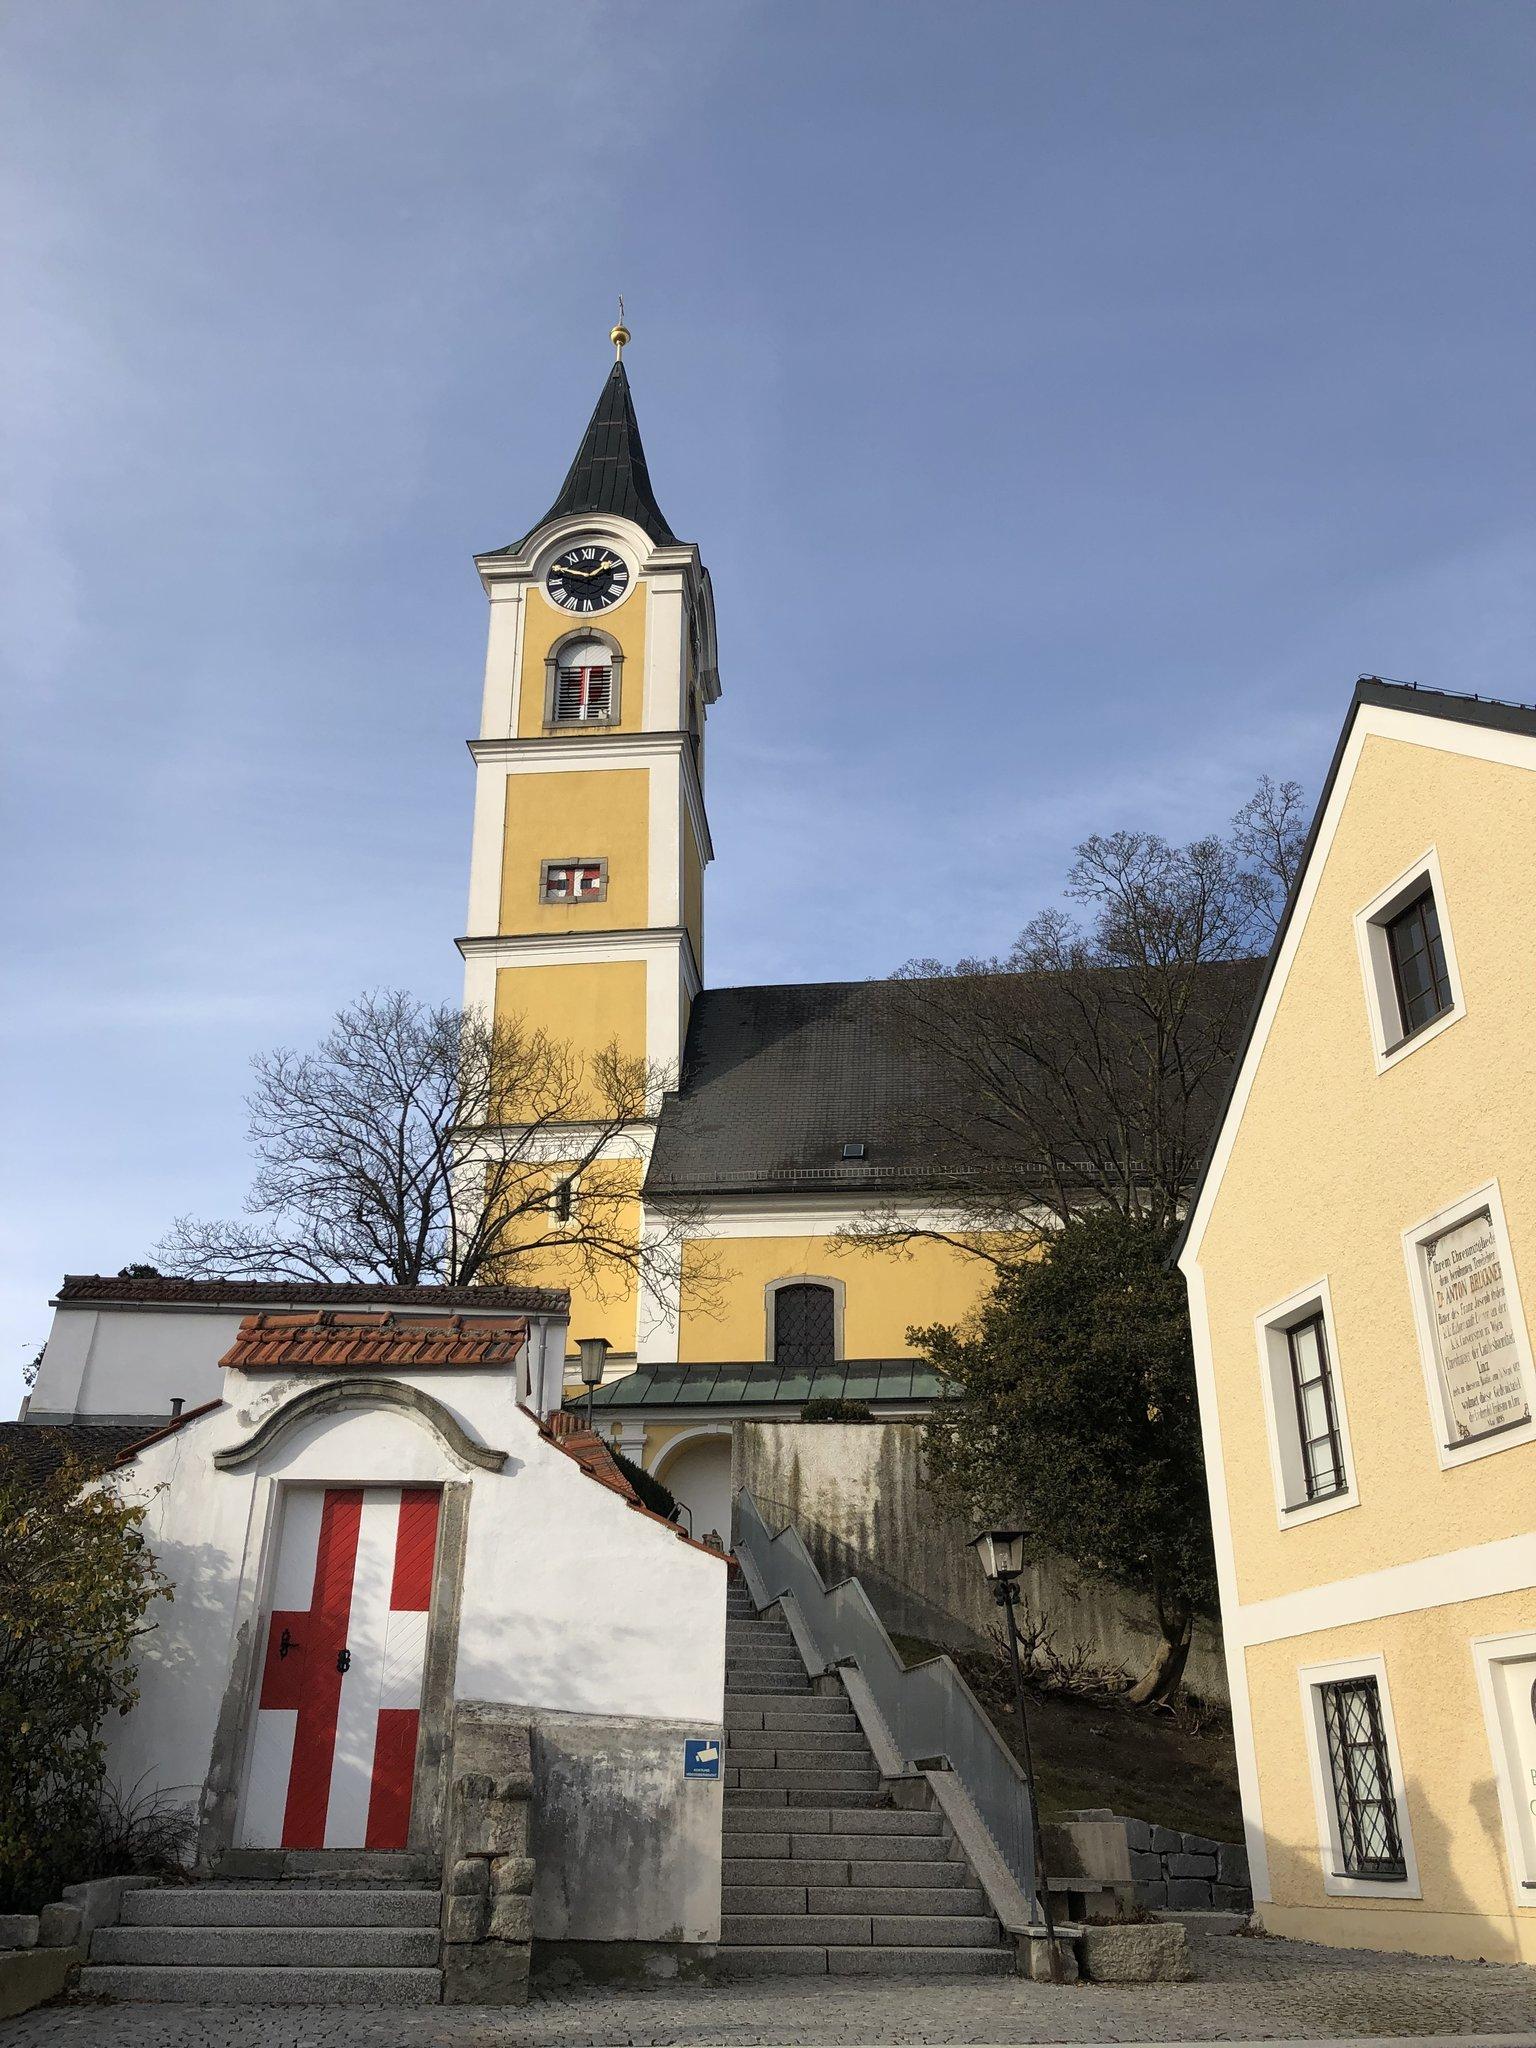 Singlewandern Linz - Jetzt mitmachen